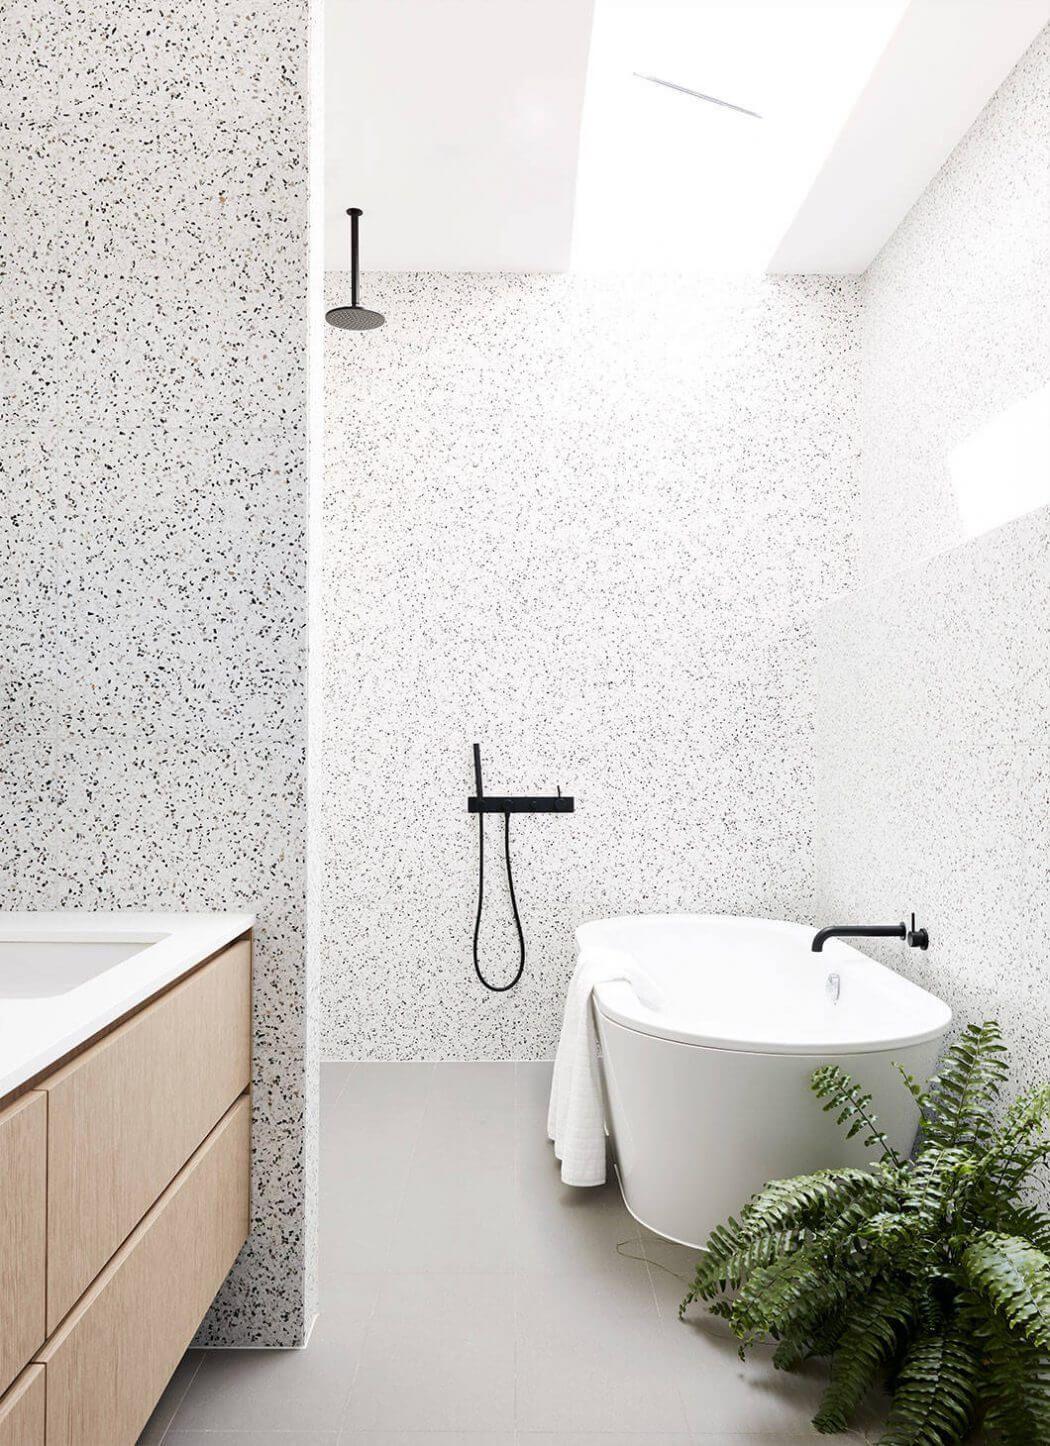 Small Bathroom Tile Layout Ideas